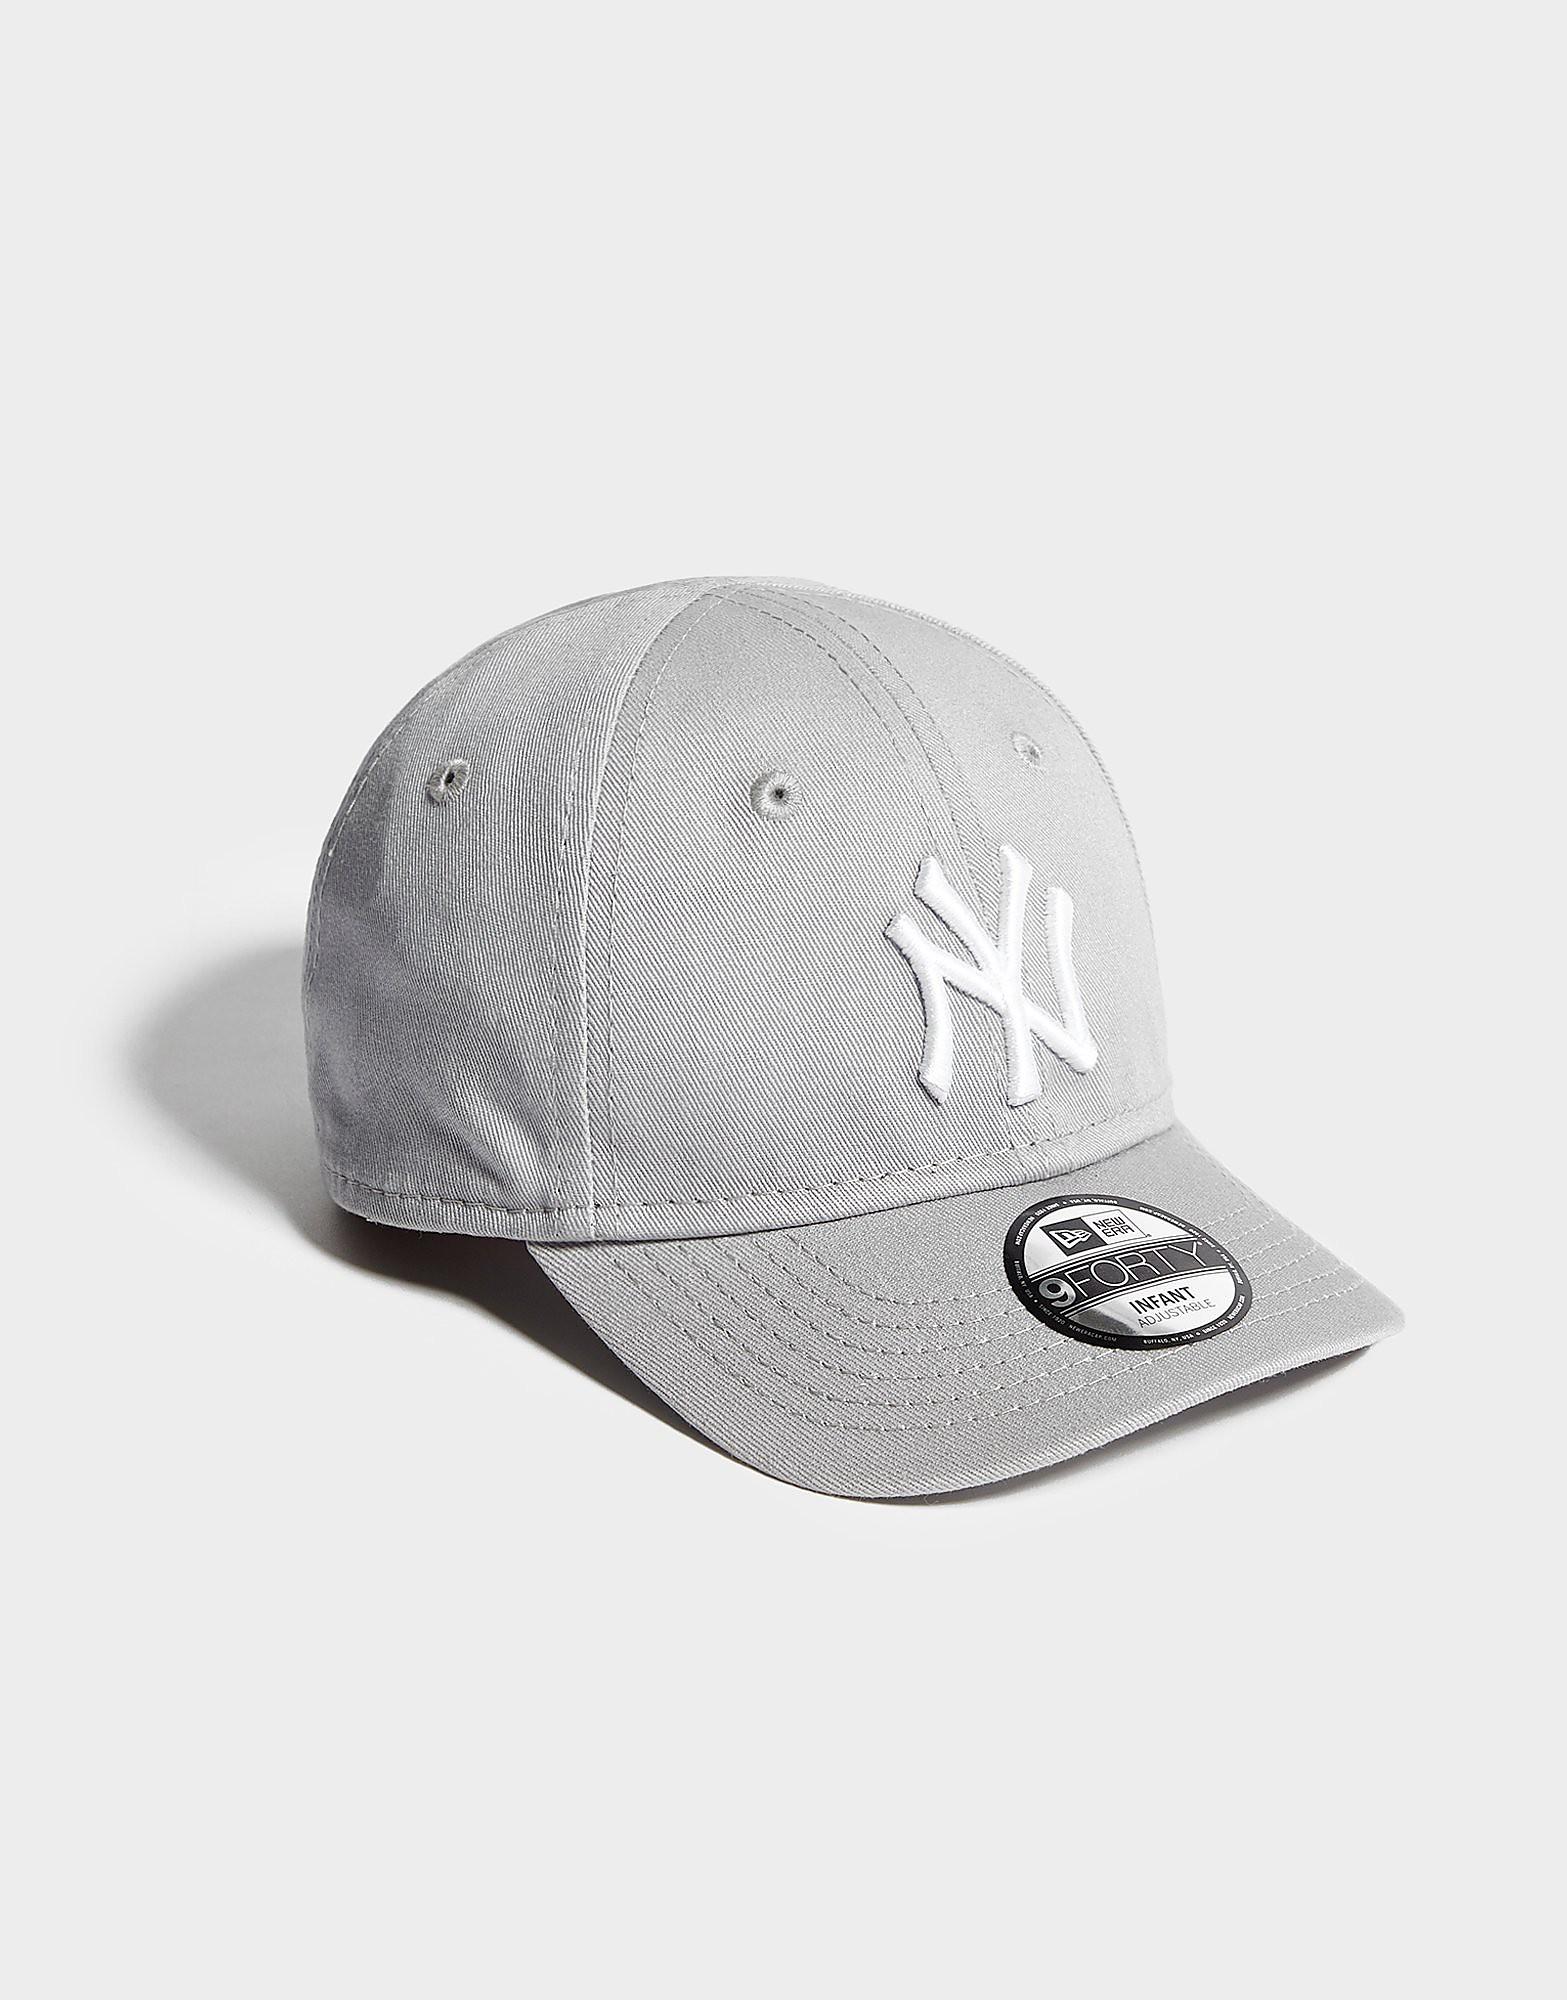 New Era MLB New York Yankees 9FORTY Cappello Bambino